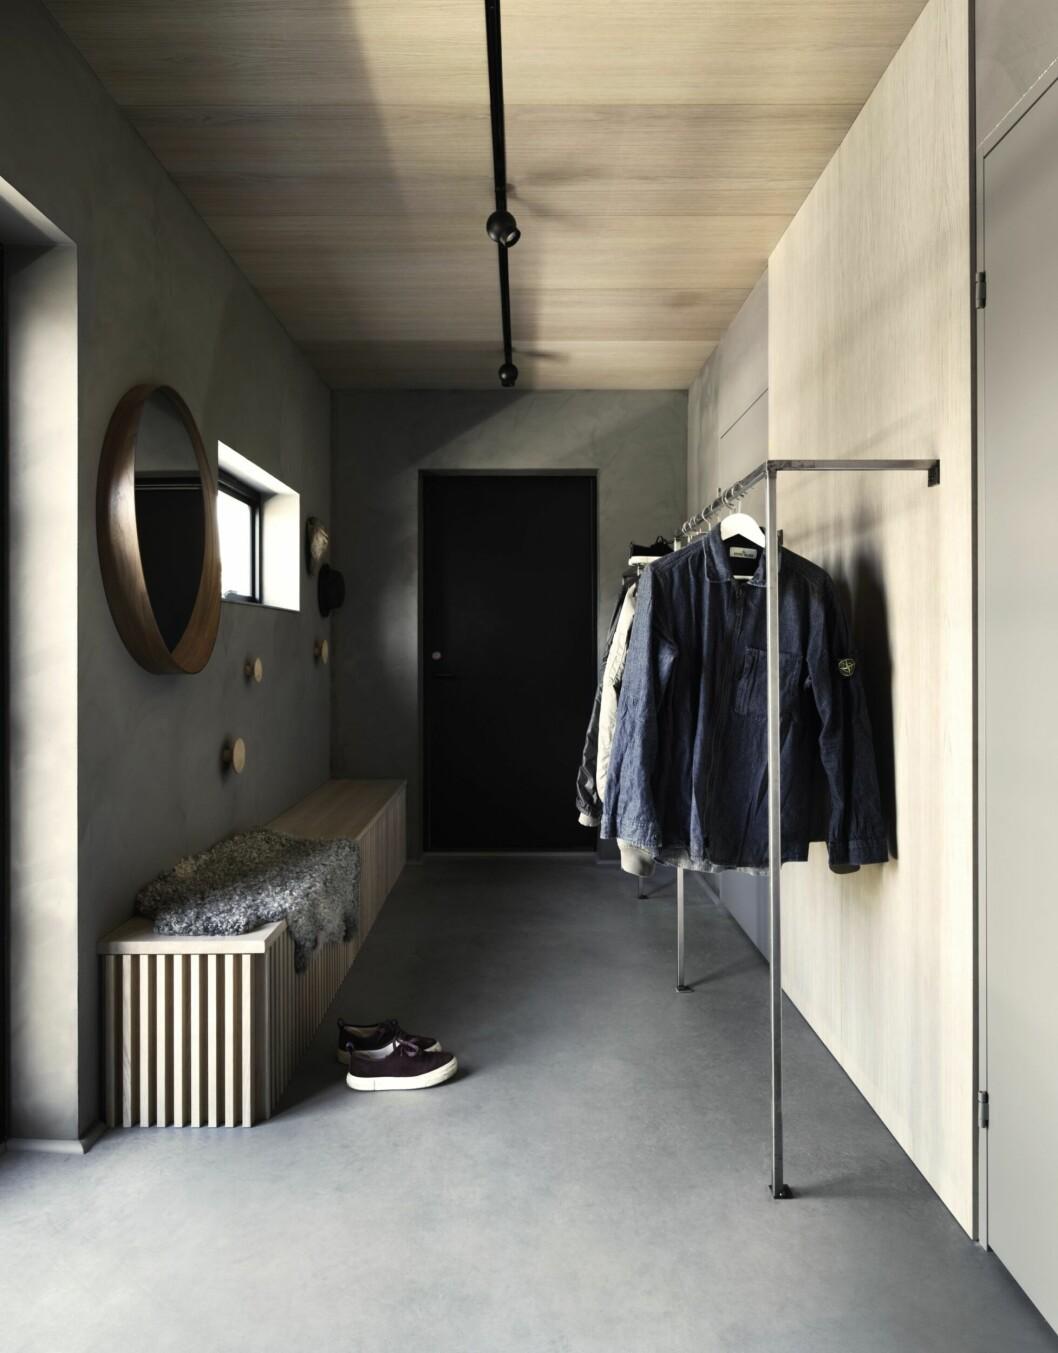 Hallen går även den i ljusgråa toner, med spegel och bänk i samma färgskala